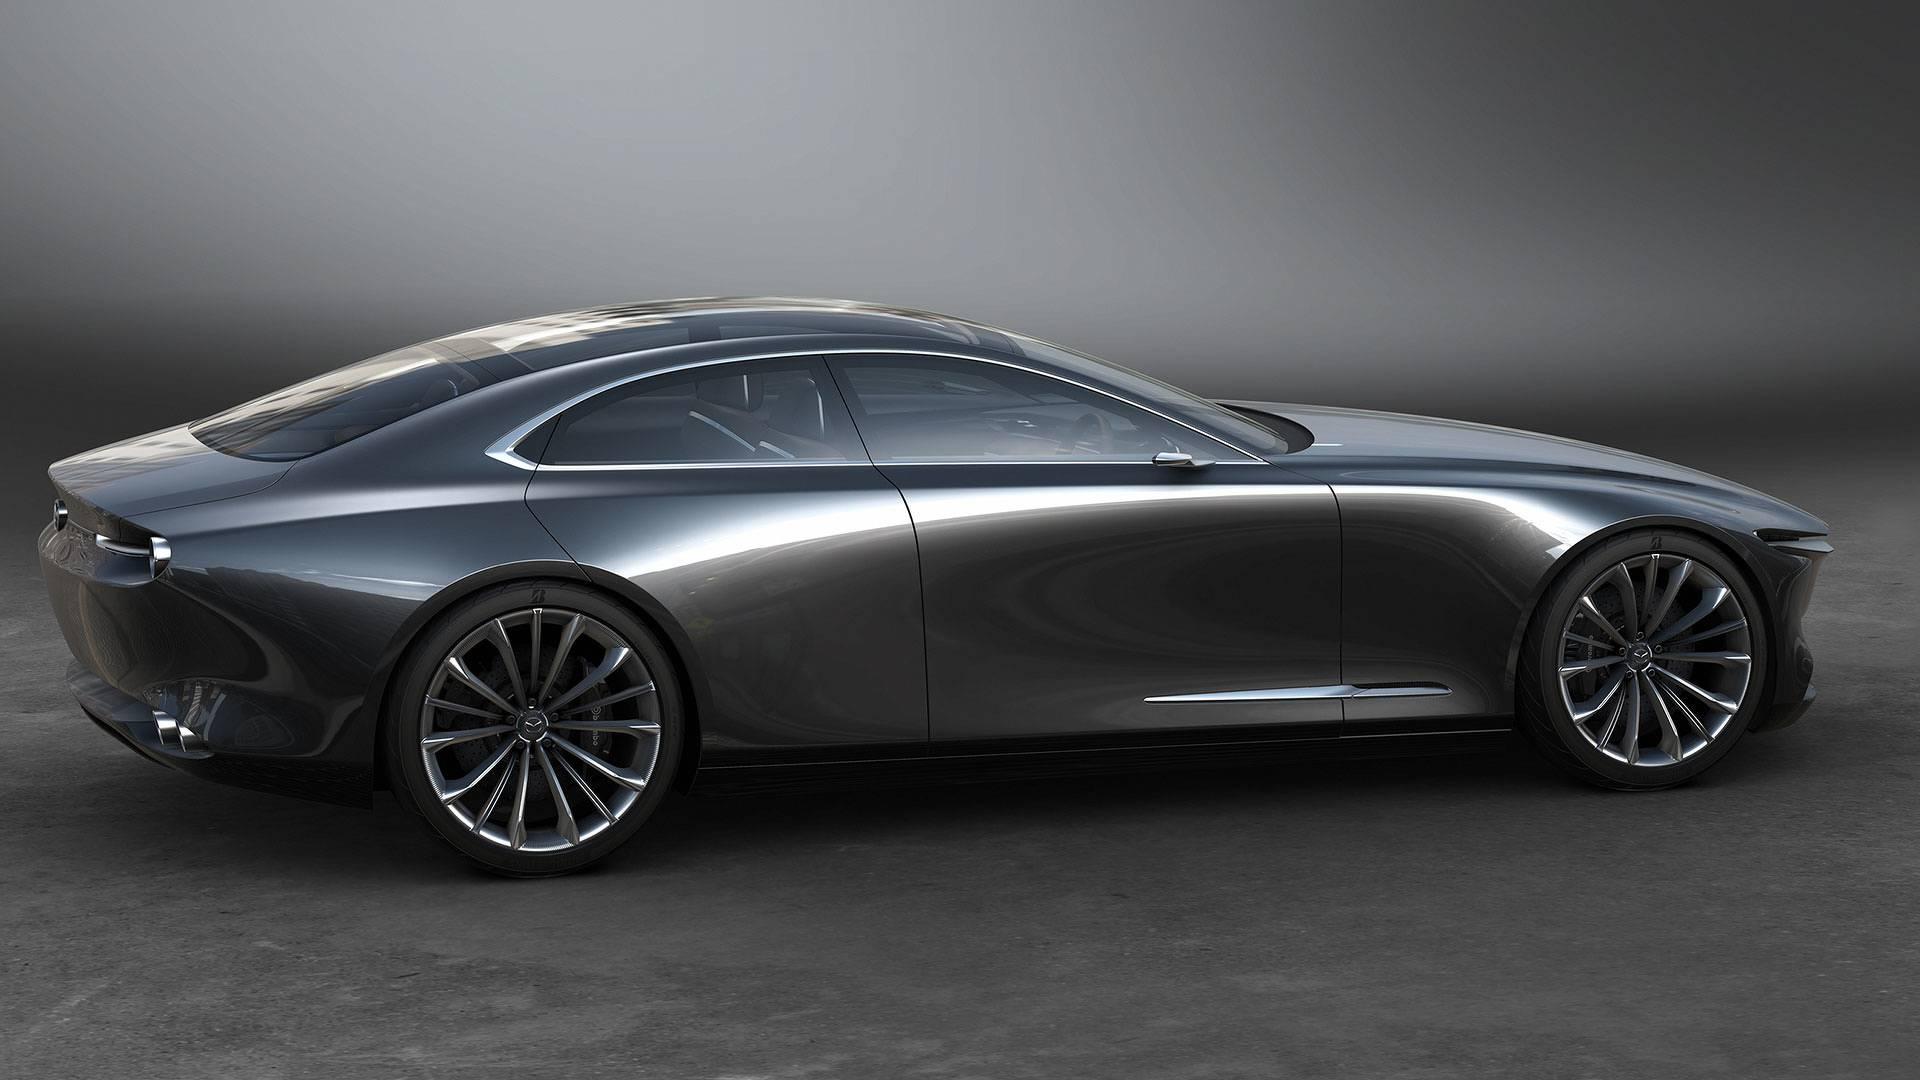 Mazda6 đời mới ra mắt năm sau, sẽ trở thành điểm nhấn bùng nổ của thương hiệu Nhật Bản 3